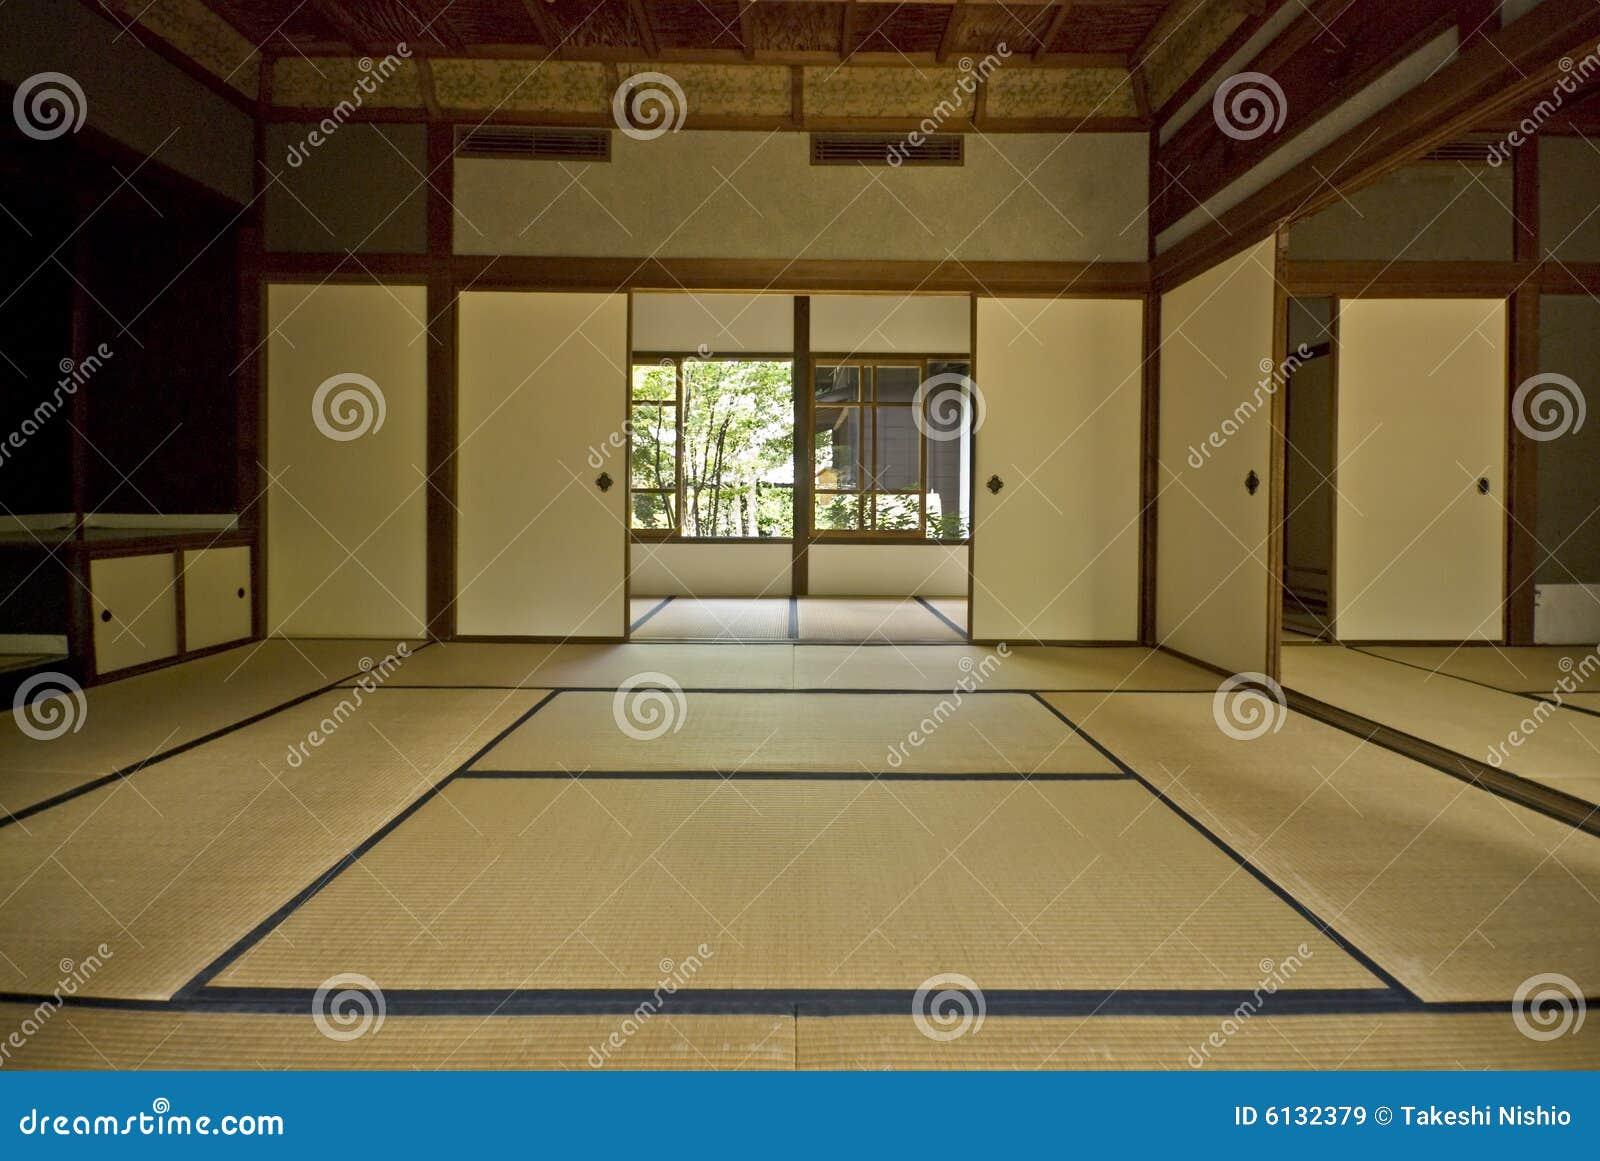 Tatami e shoji la vecchia stanza giapponese immagine for Tatami giapponese